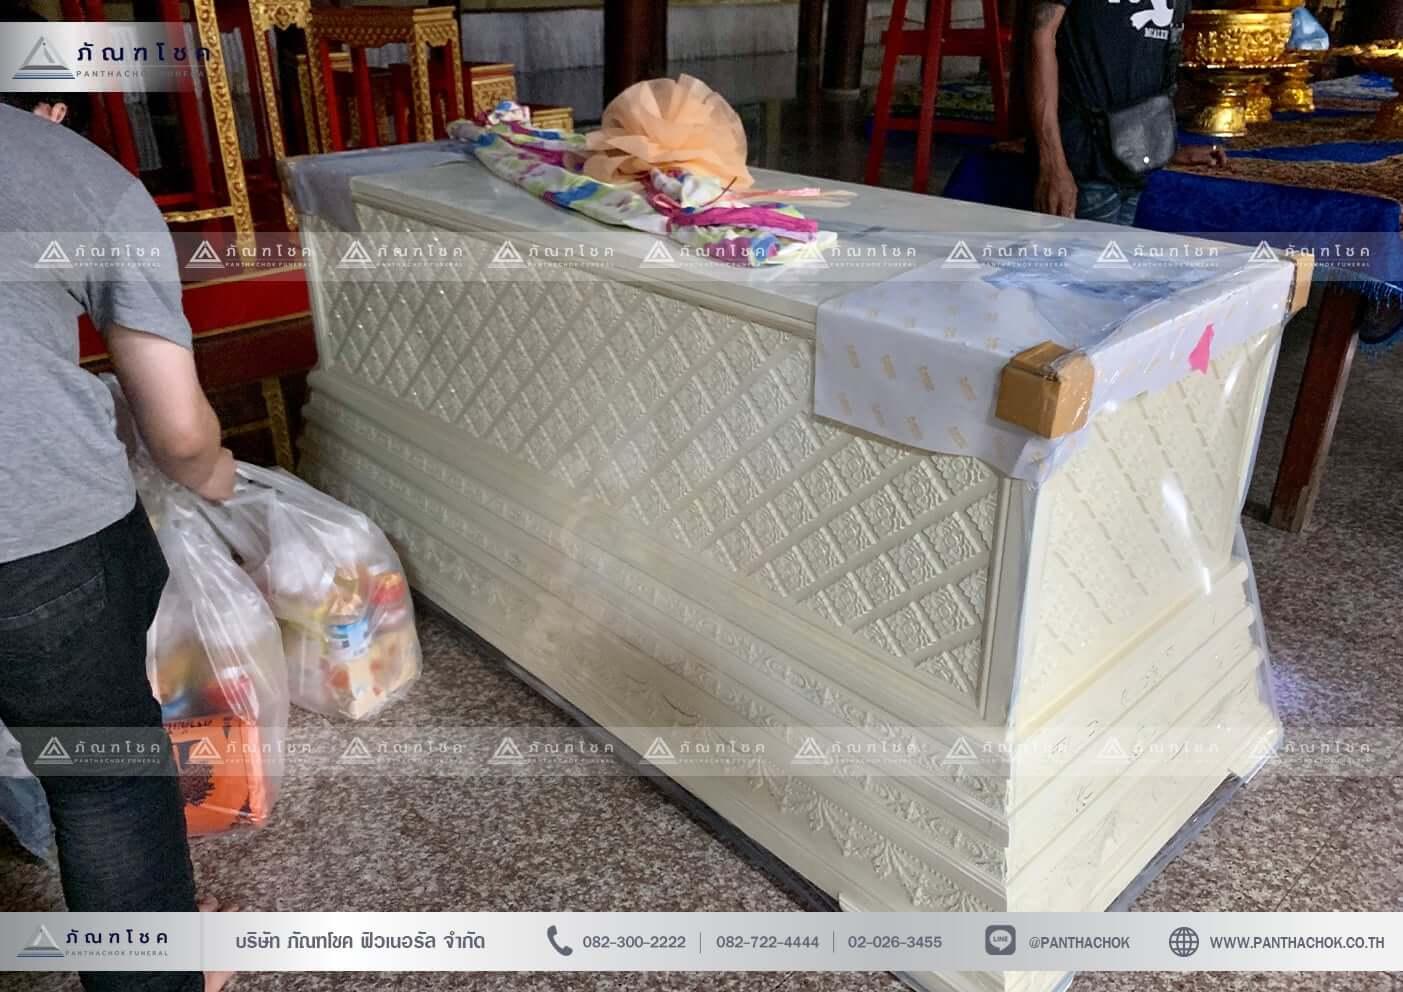 โลงศพ หีบศพ โลงศพไทย โลงฐานตรง